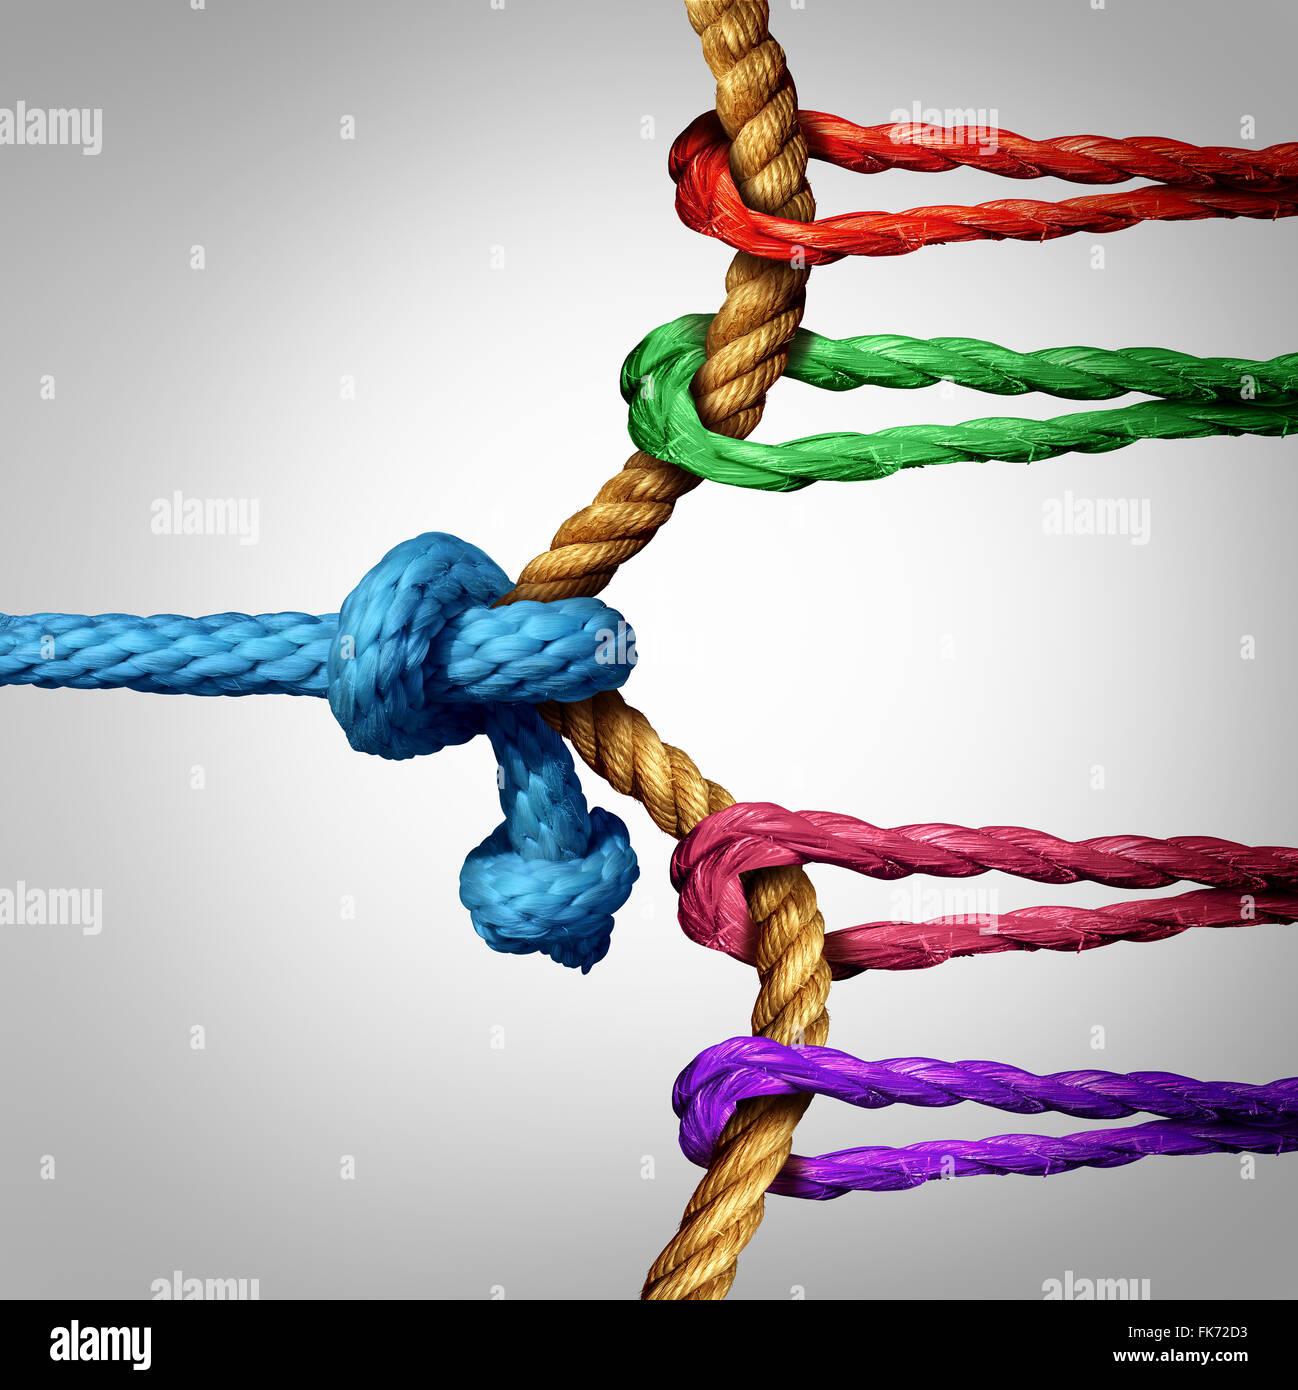 La lotta per il successo rimorchiatore di guerra contro un folto gruppo di concorrenti come una squadra di corde Immagini Stock